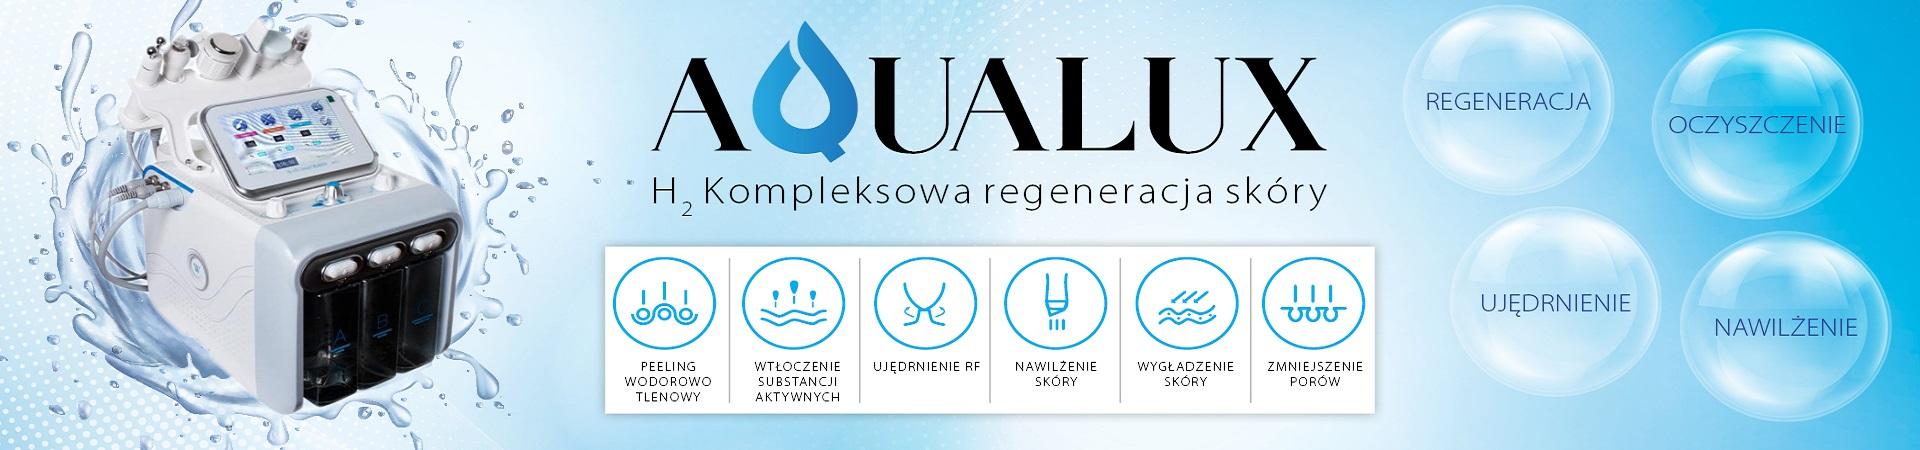 aqualux_baner_v2-h450